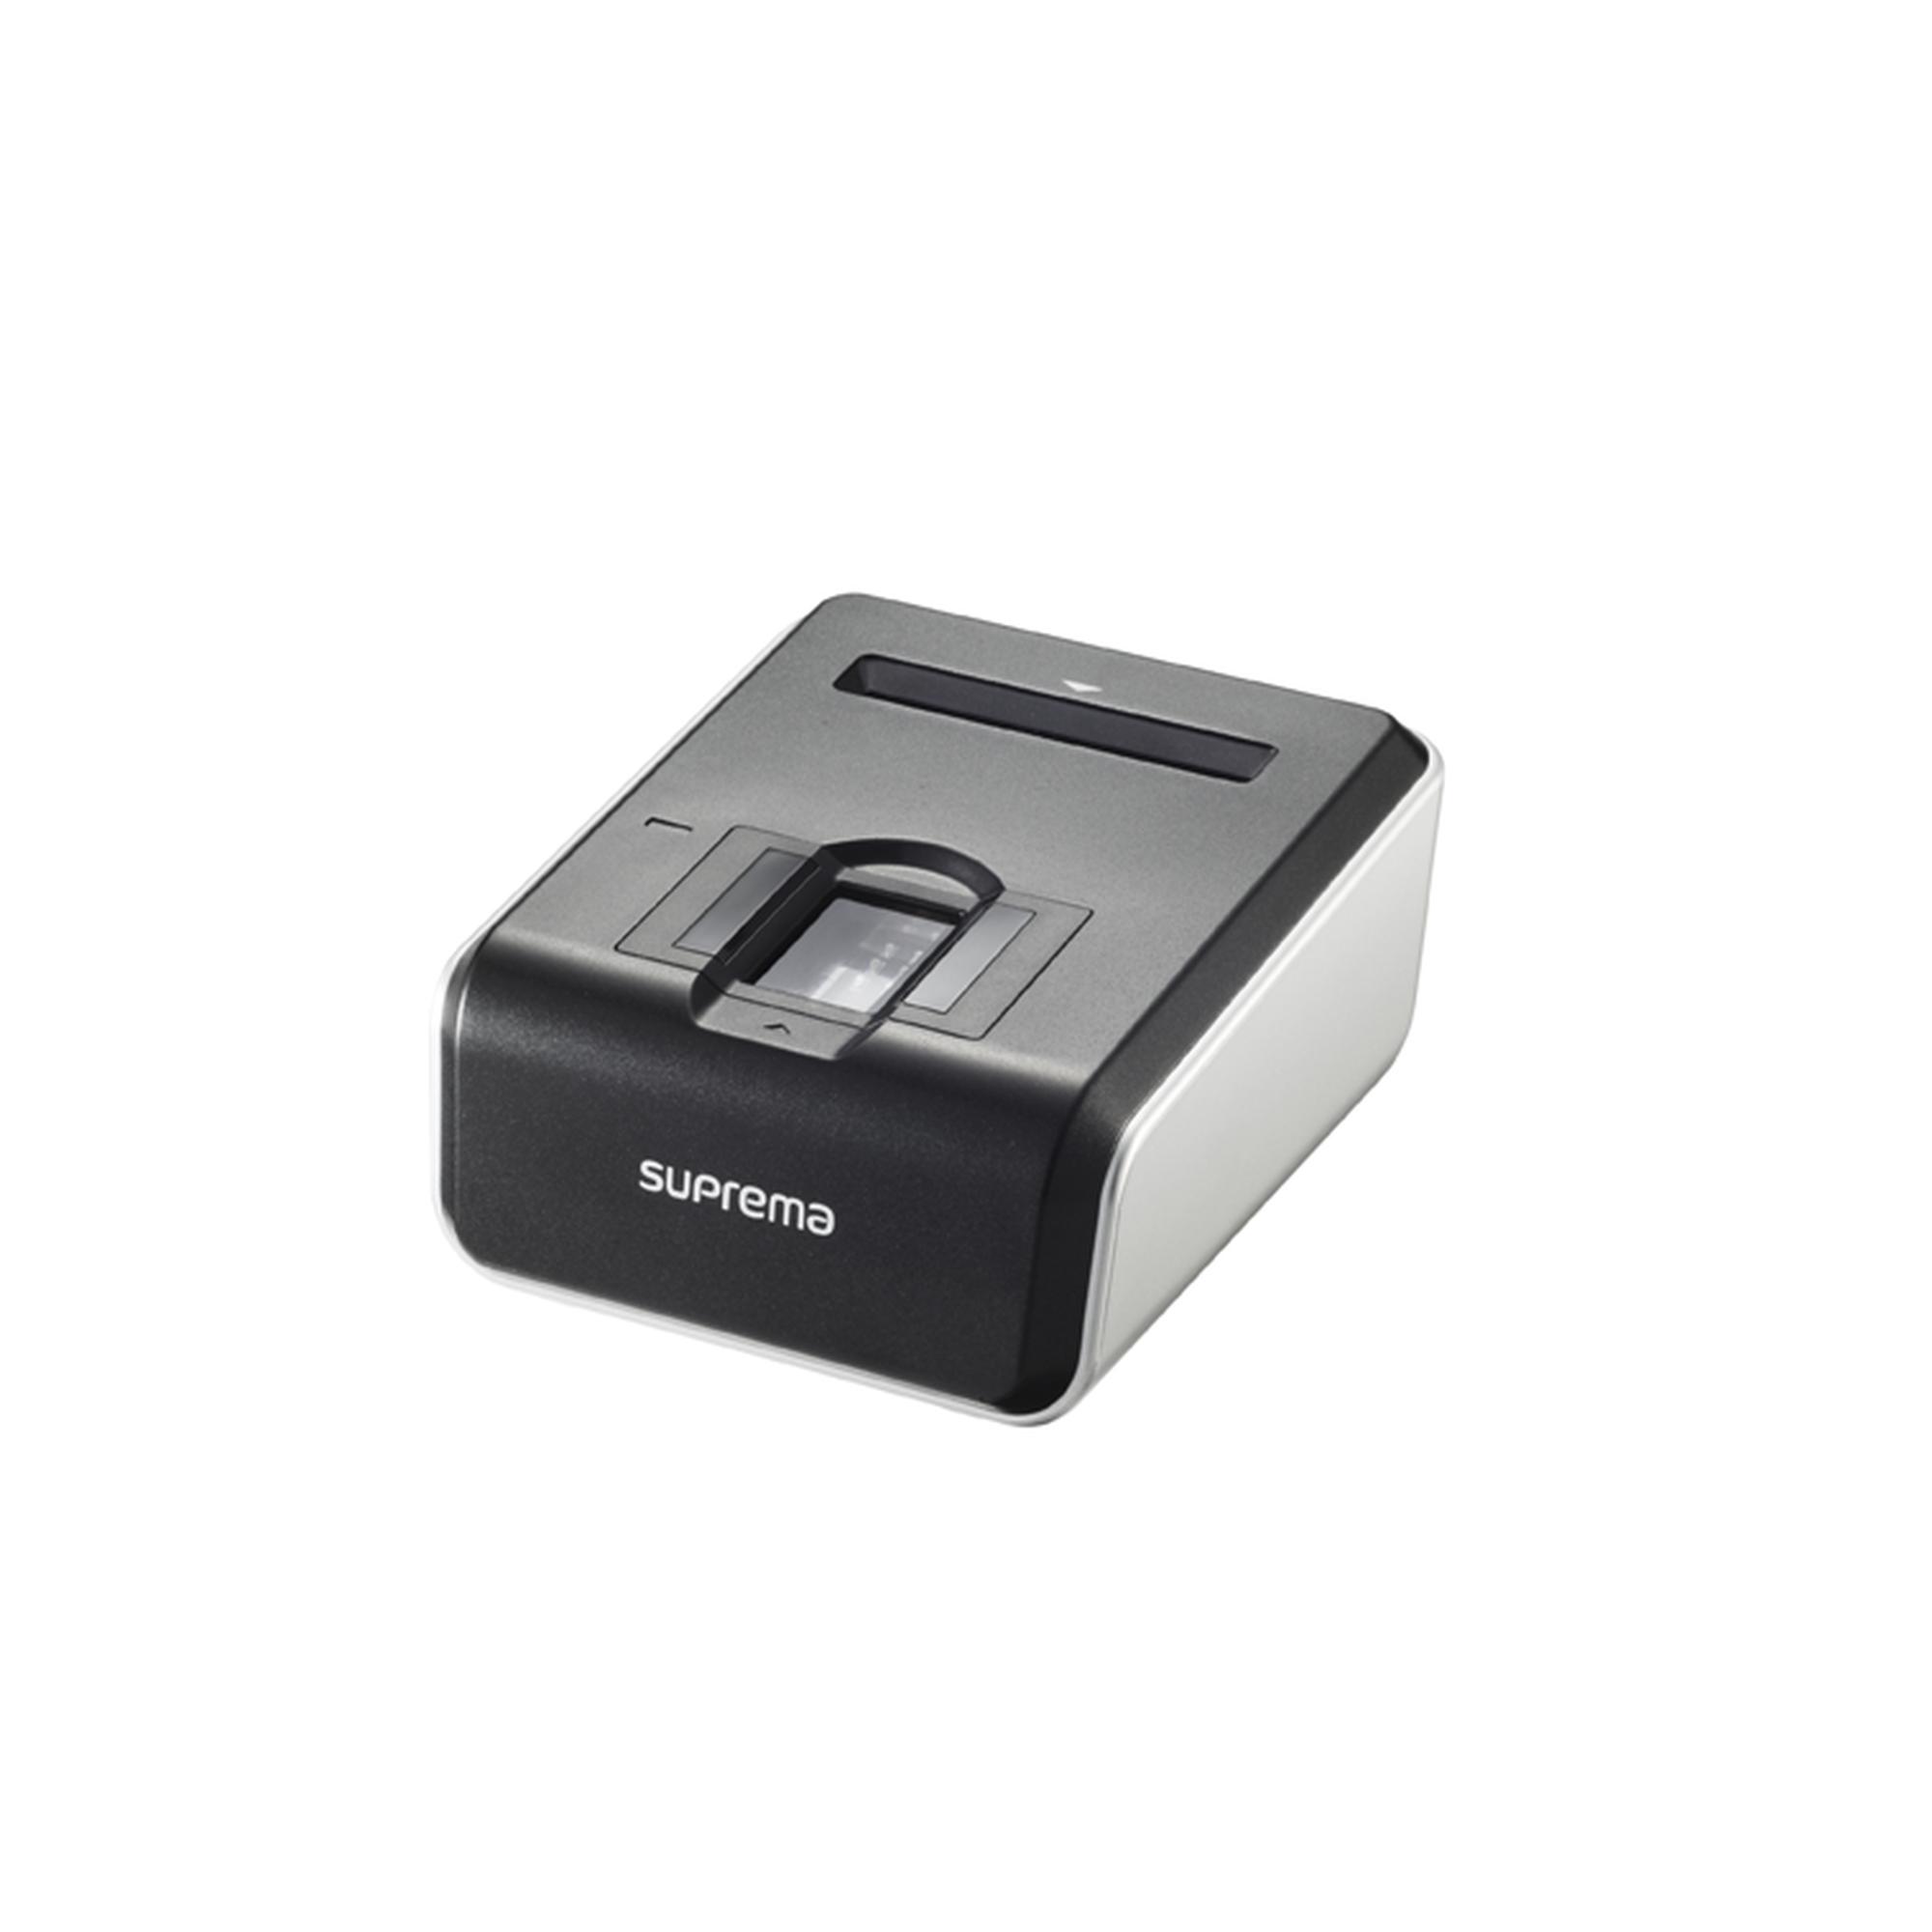 BioMini Combo, terminal de enrolamiento de tarjetas de contacto y huella digital